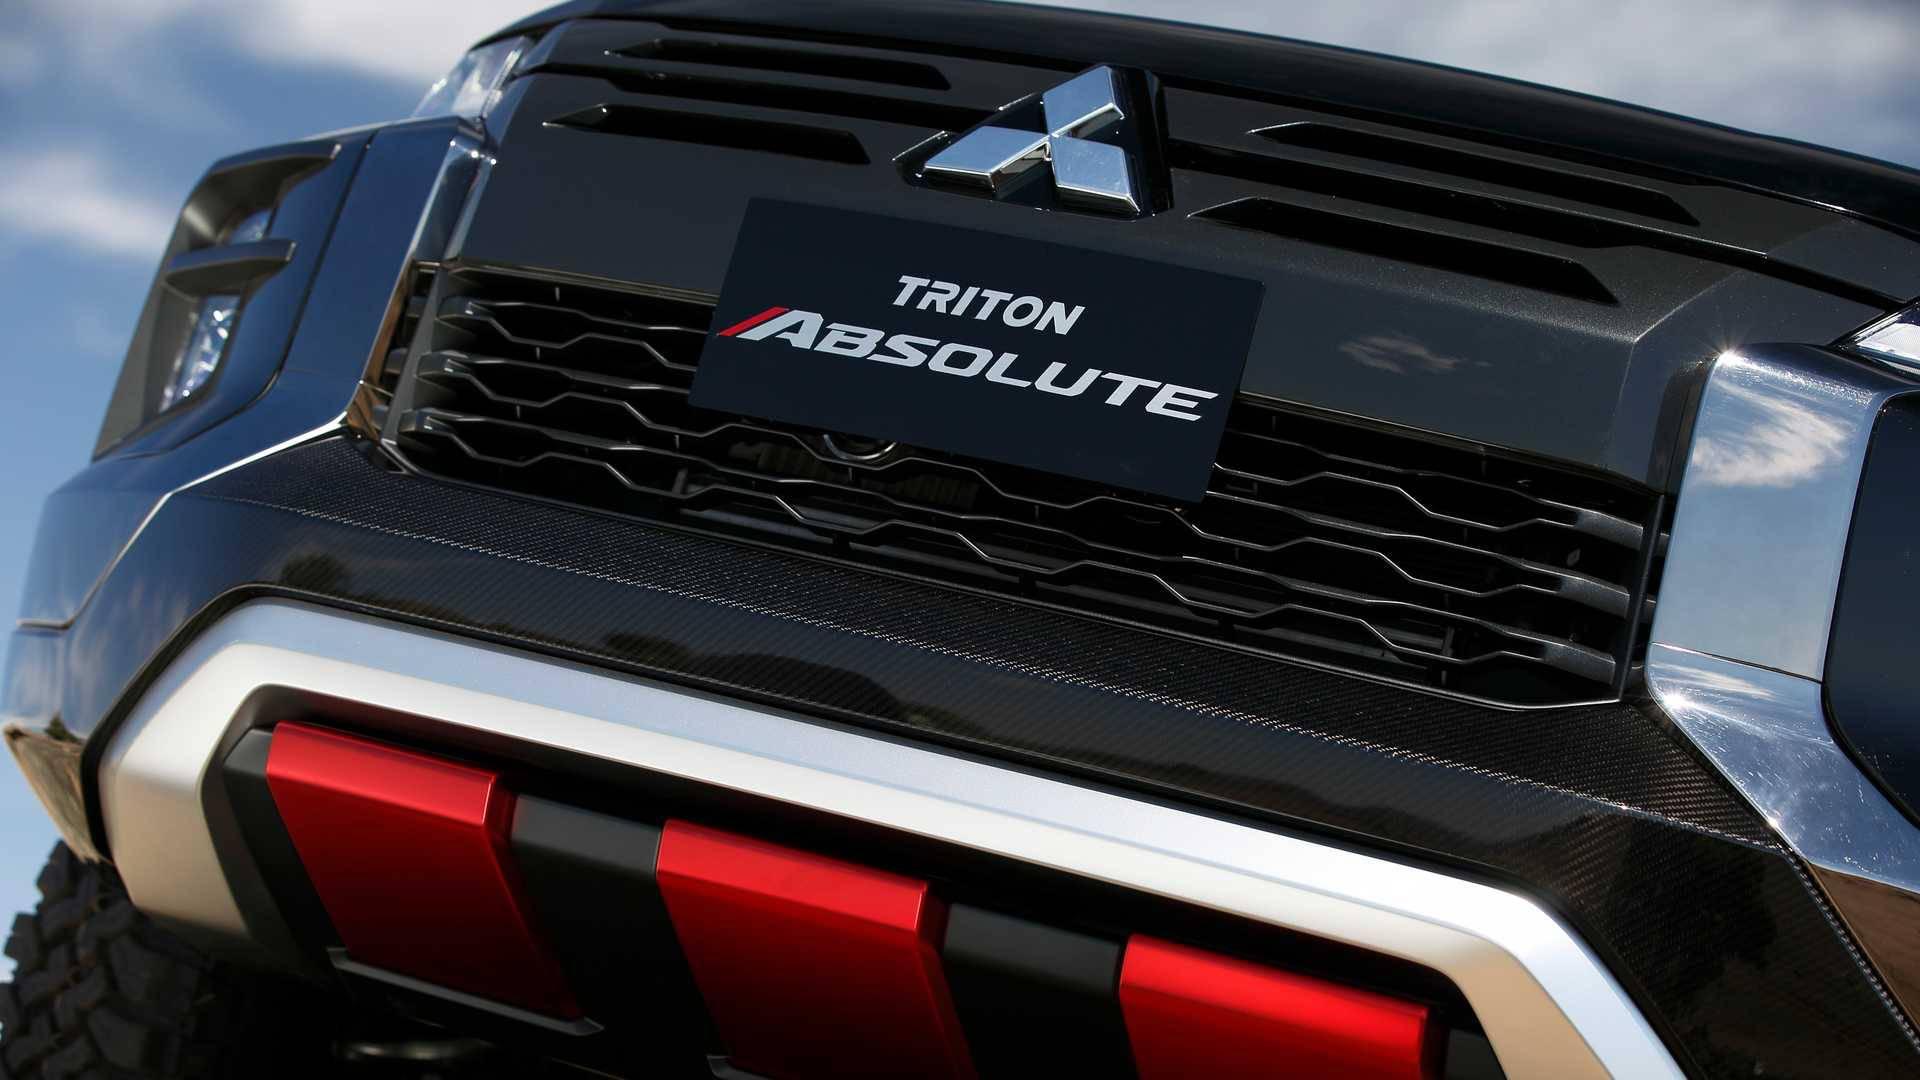 Mitsubishi Triton Absolute cạnh tranh với đối thủ Ford Ranger Raptor - 5